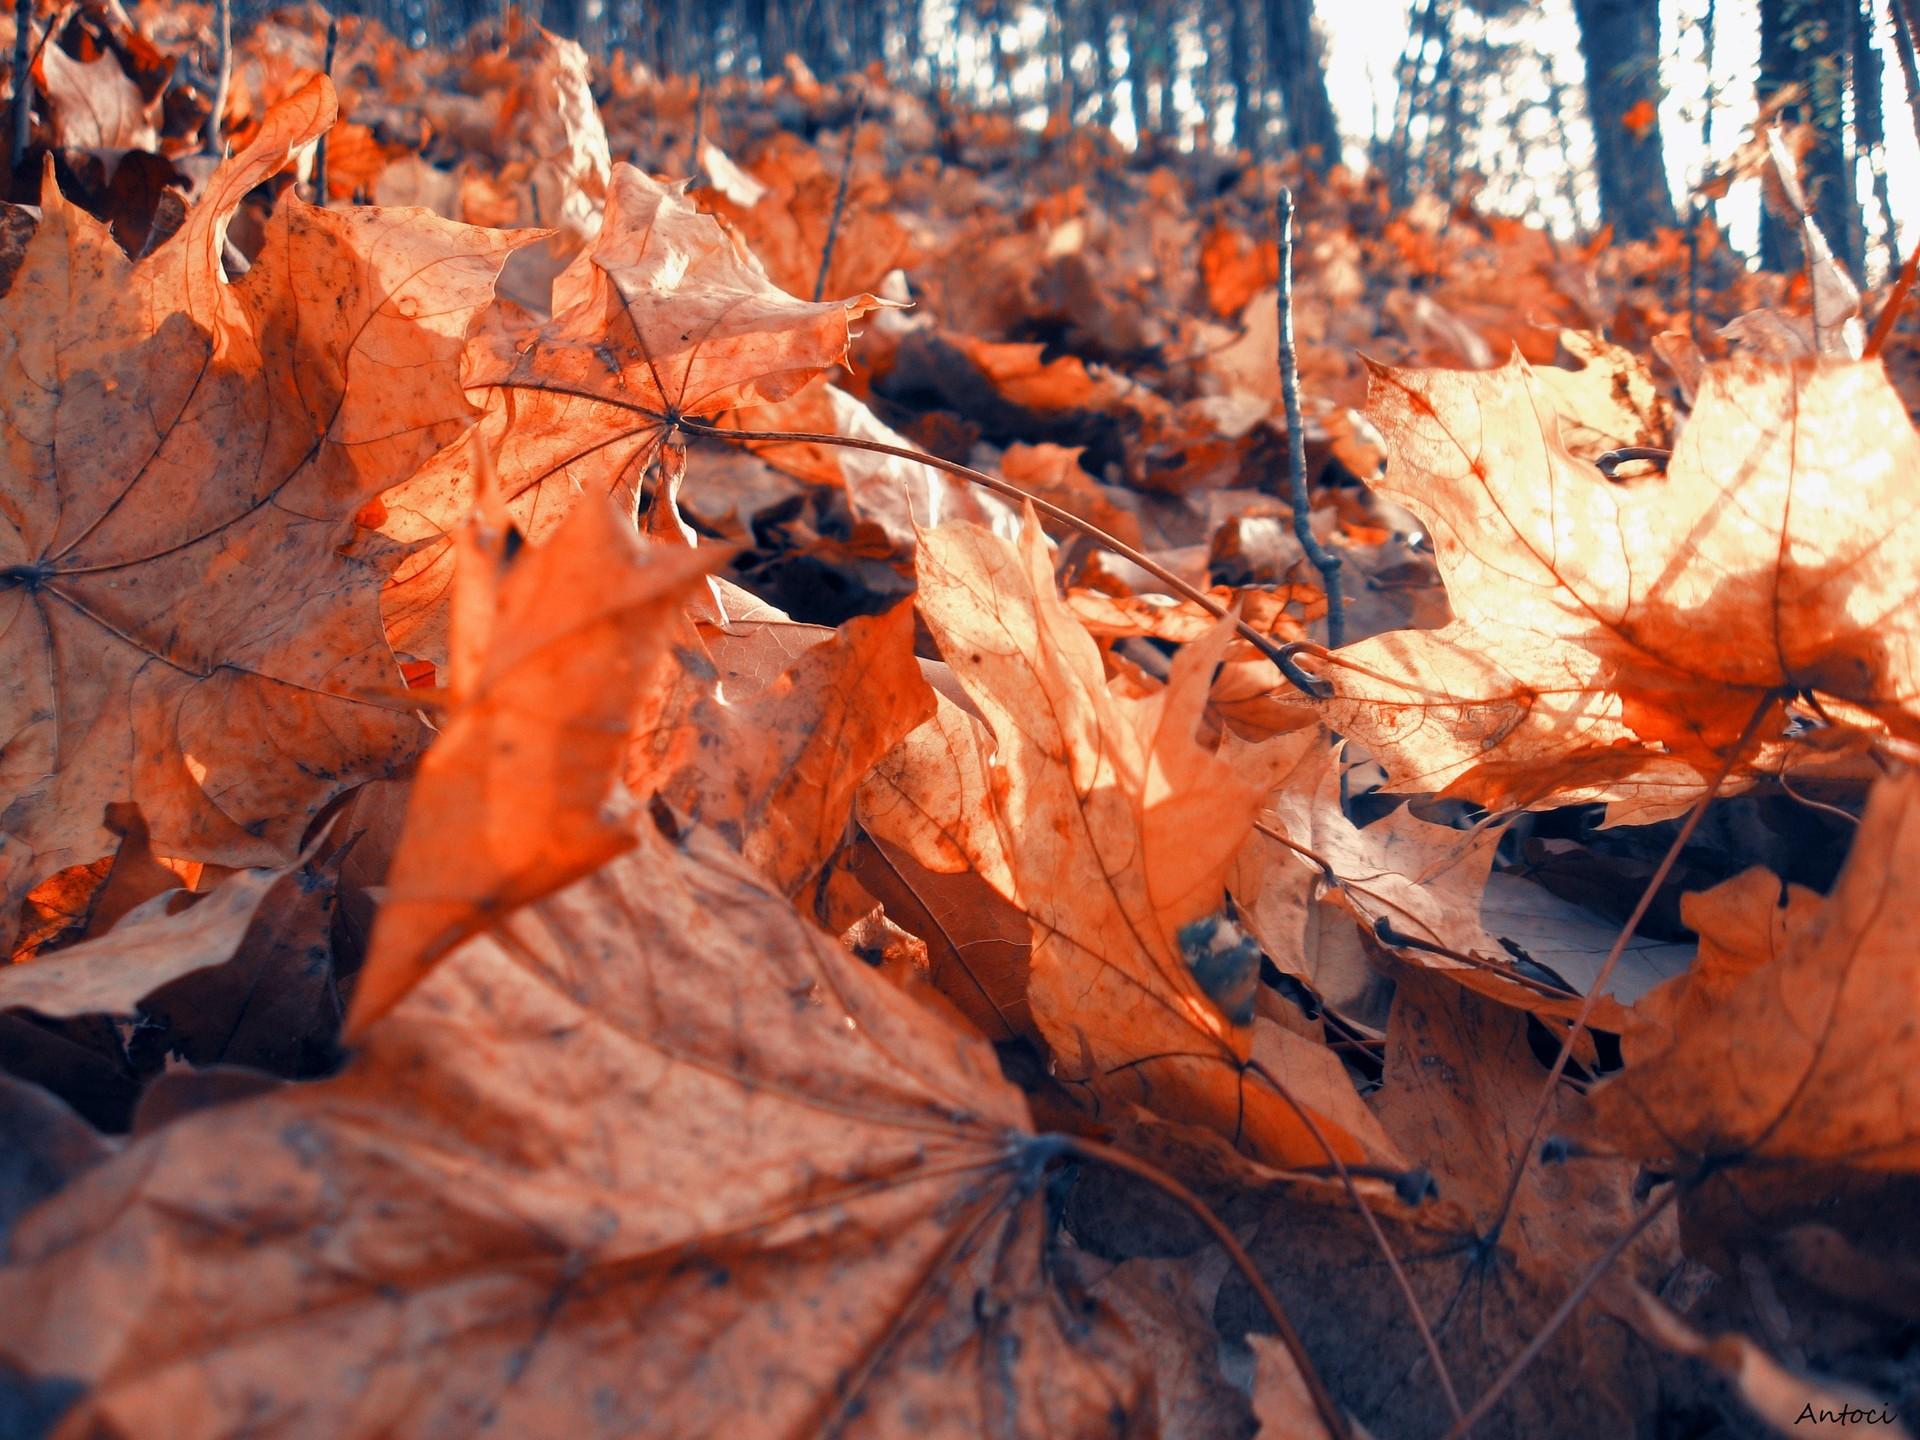 Осенний лиственный лес  № 3193563 загрузить